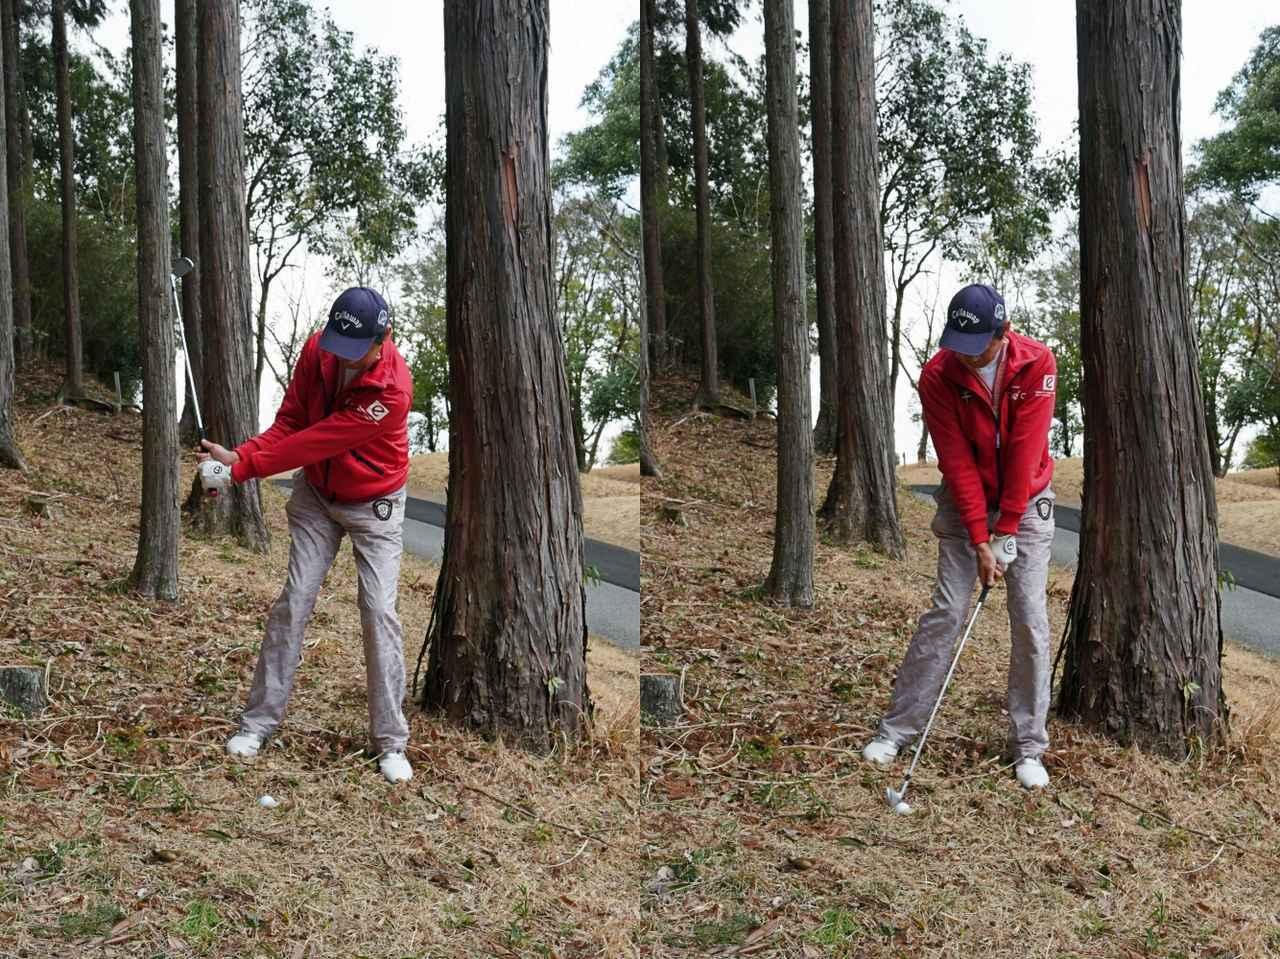 画像: カナヅチで打つイメージを持つとしっかりボールにコンタクトできる